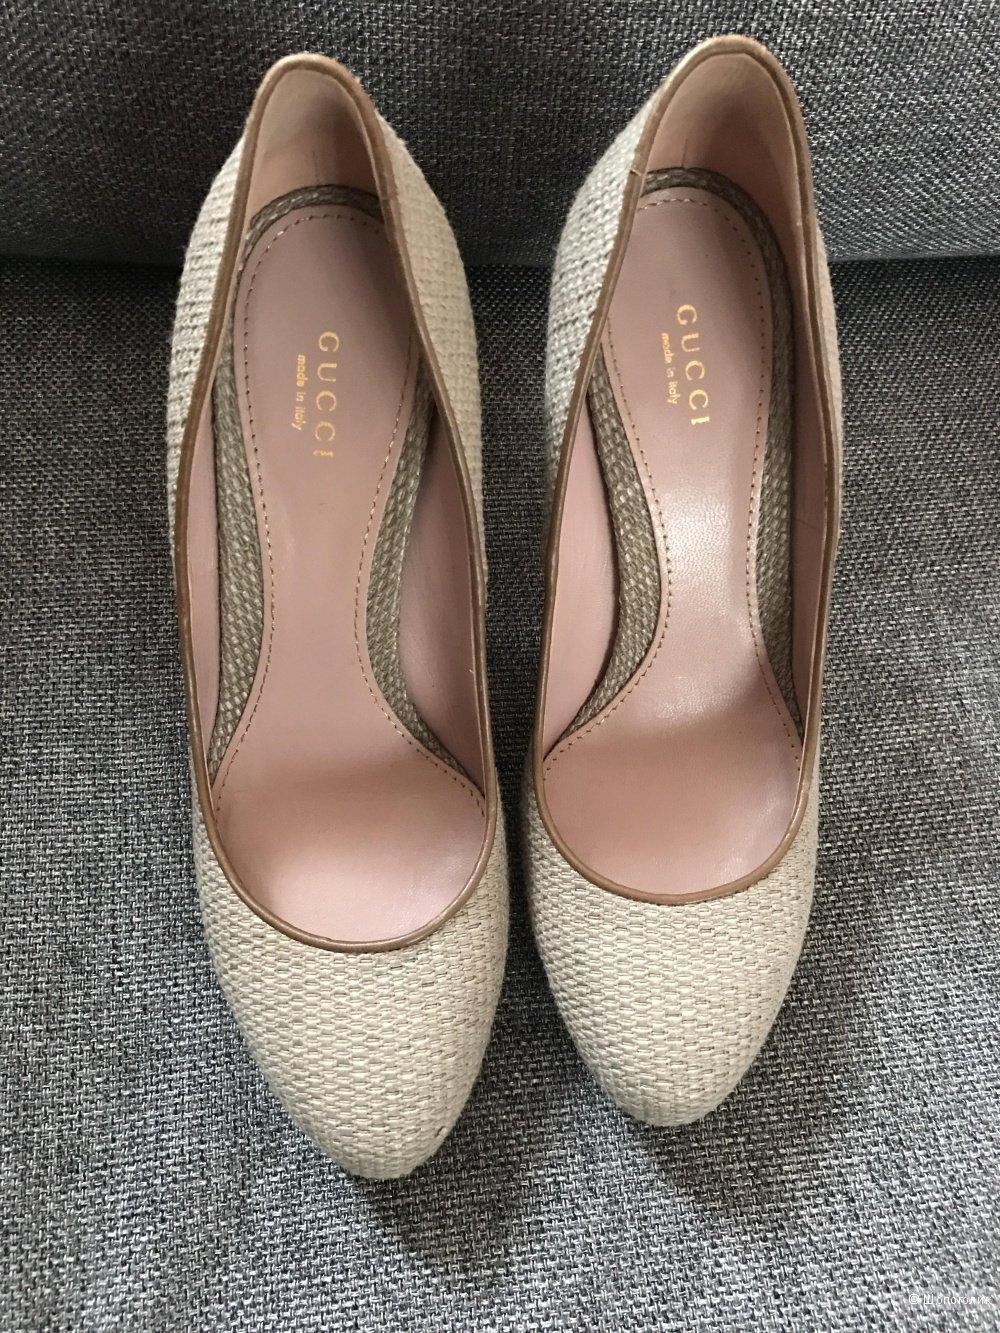 57b8b1f713e6 Ботинки зимние Gucci женские. Женская обувь - Ботинки, Цена €. . Сайт  производителя